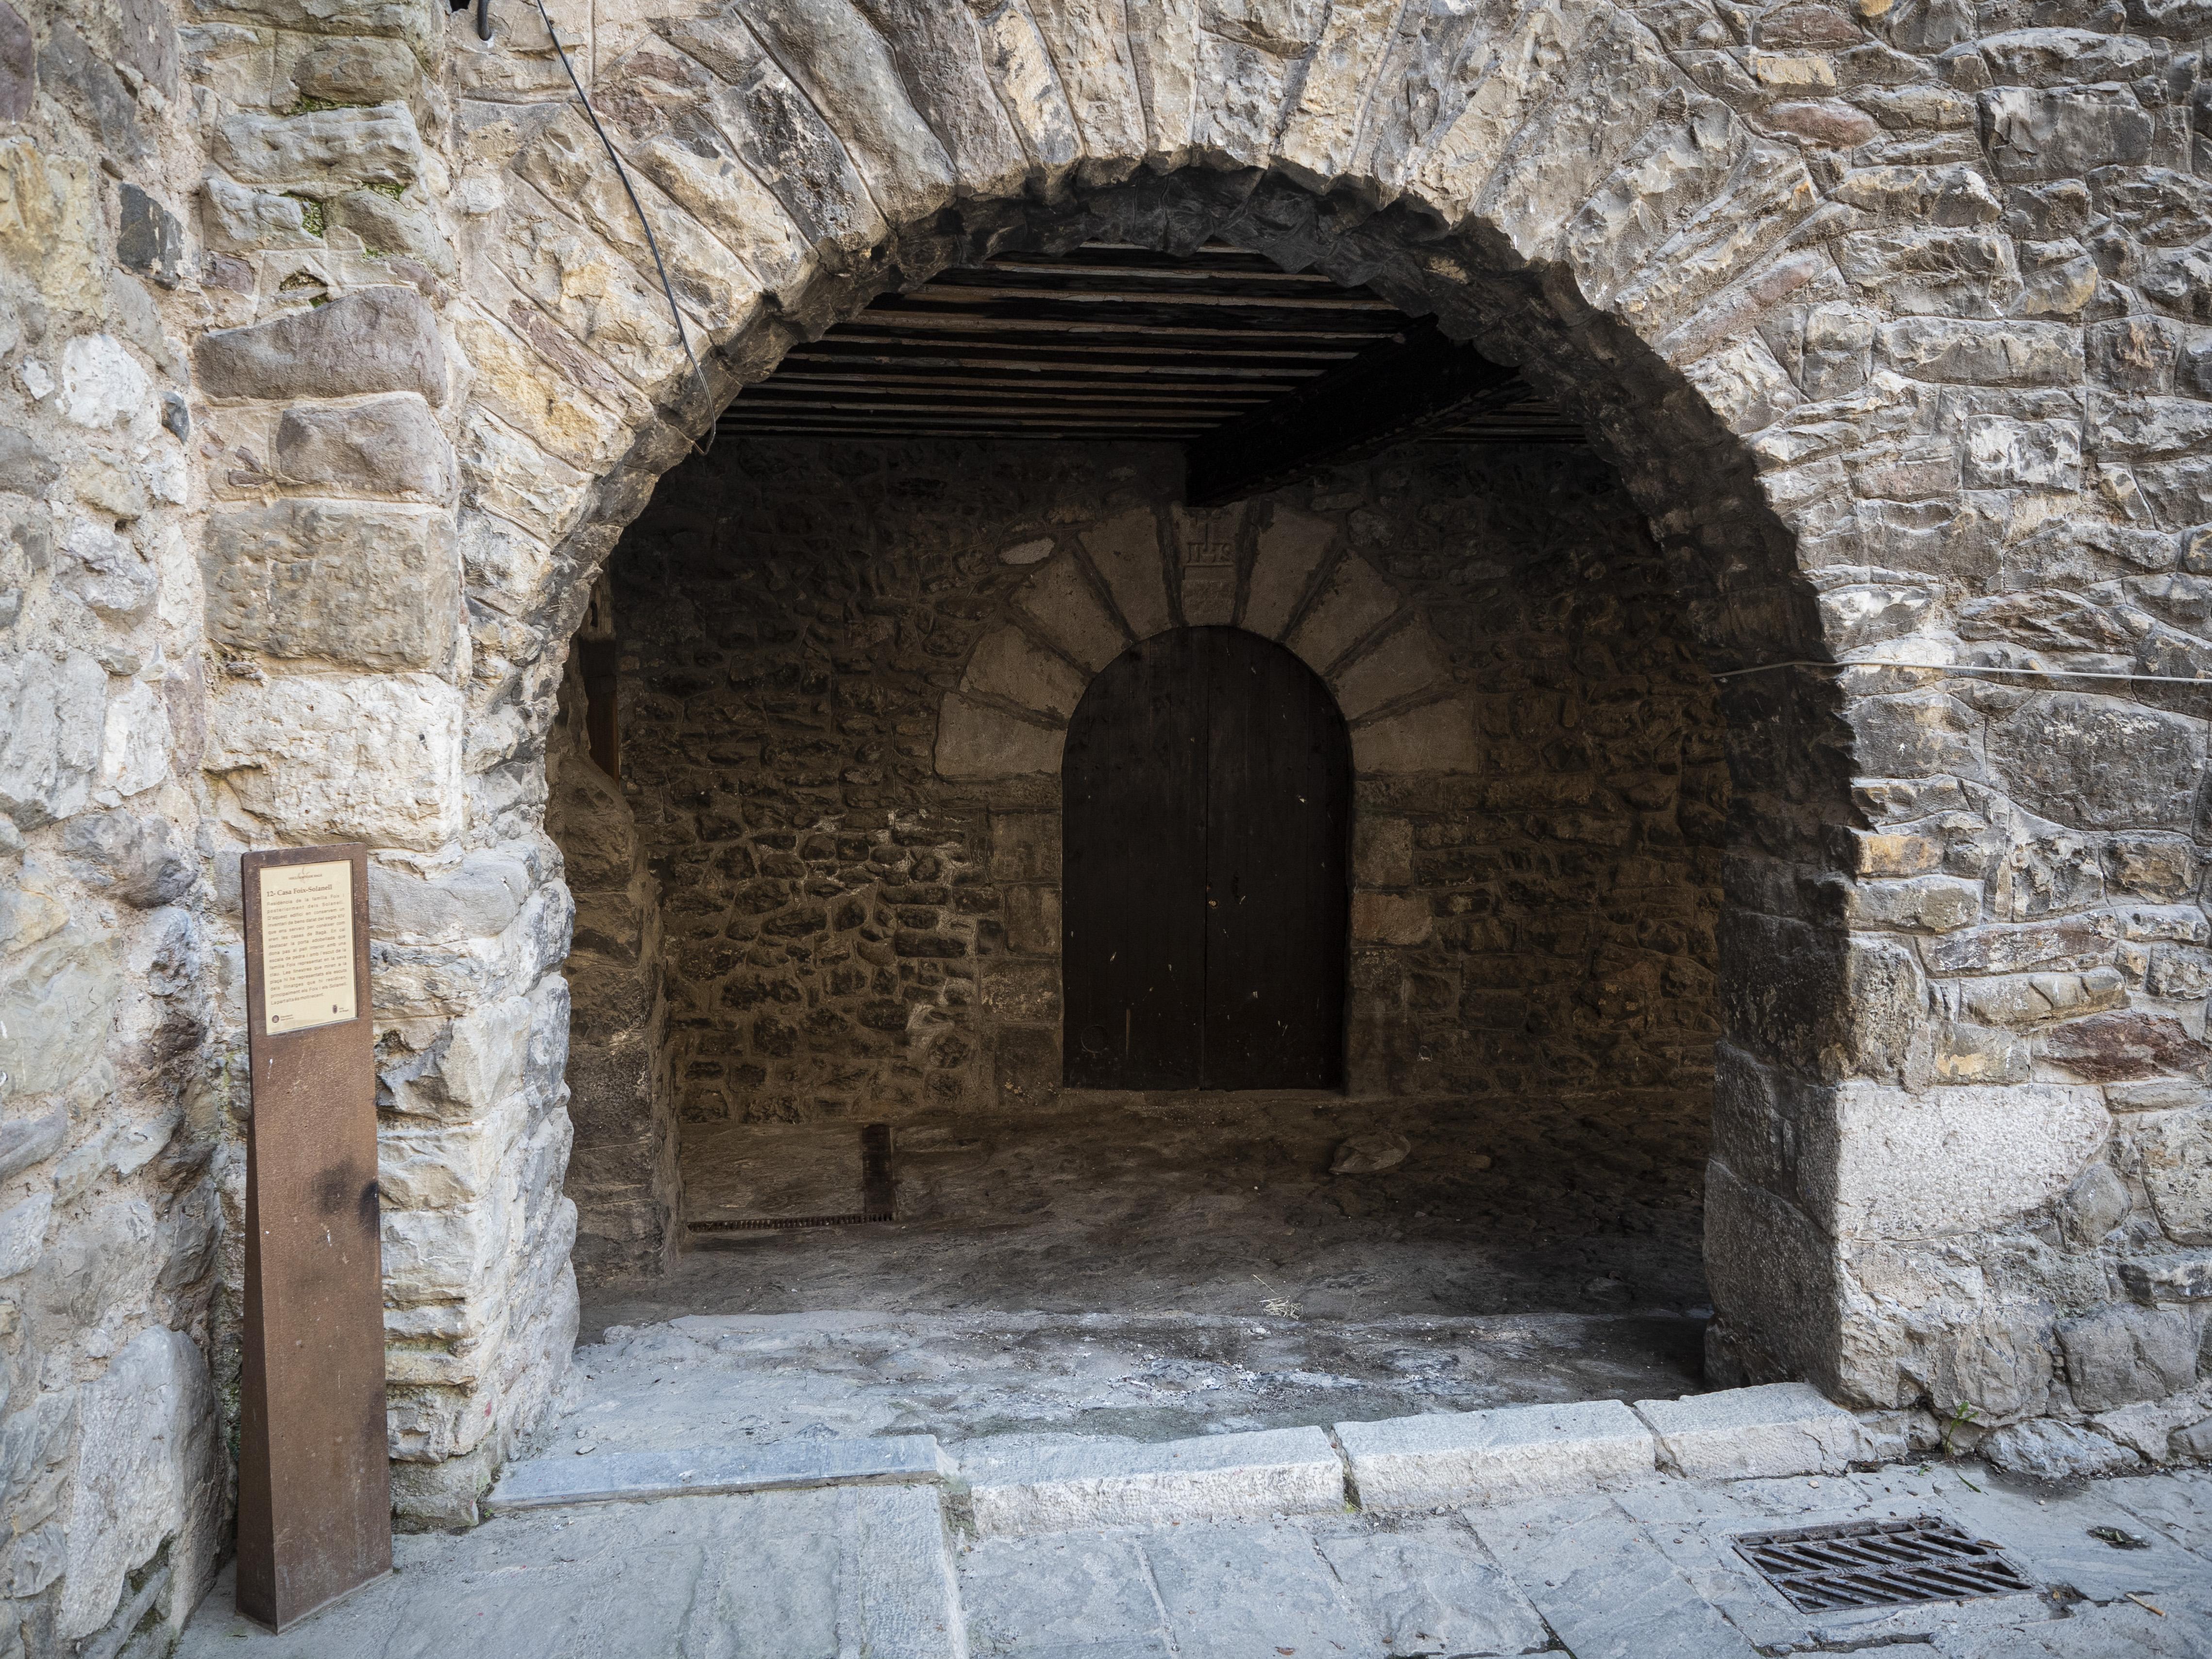 Bagà, una vila medieval 23. FOTO: Anna E. Puig